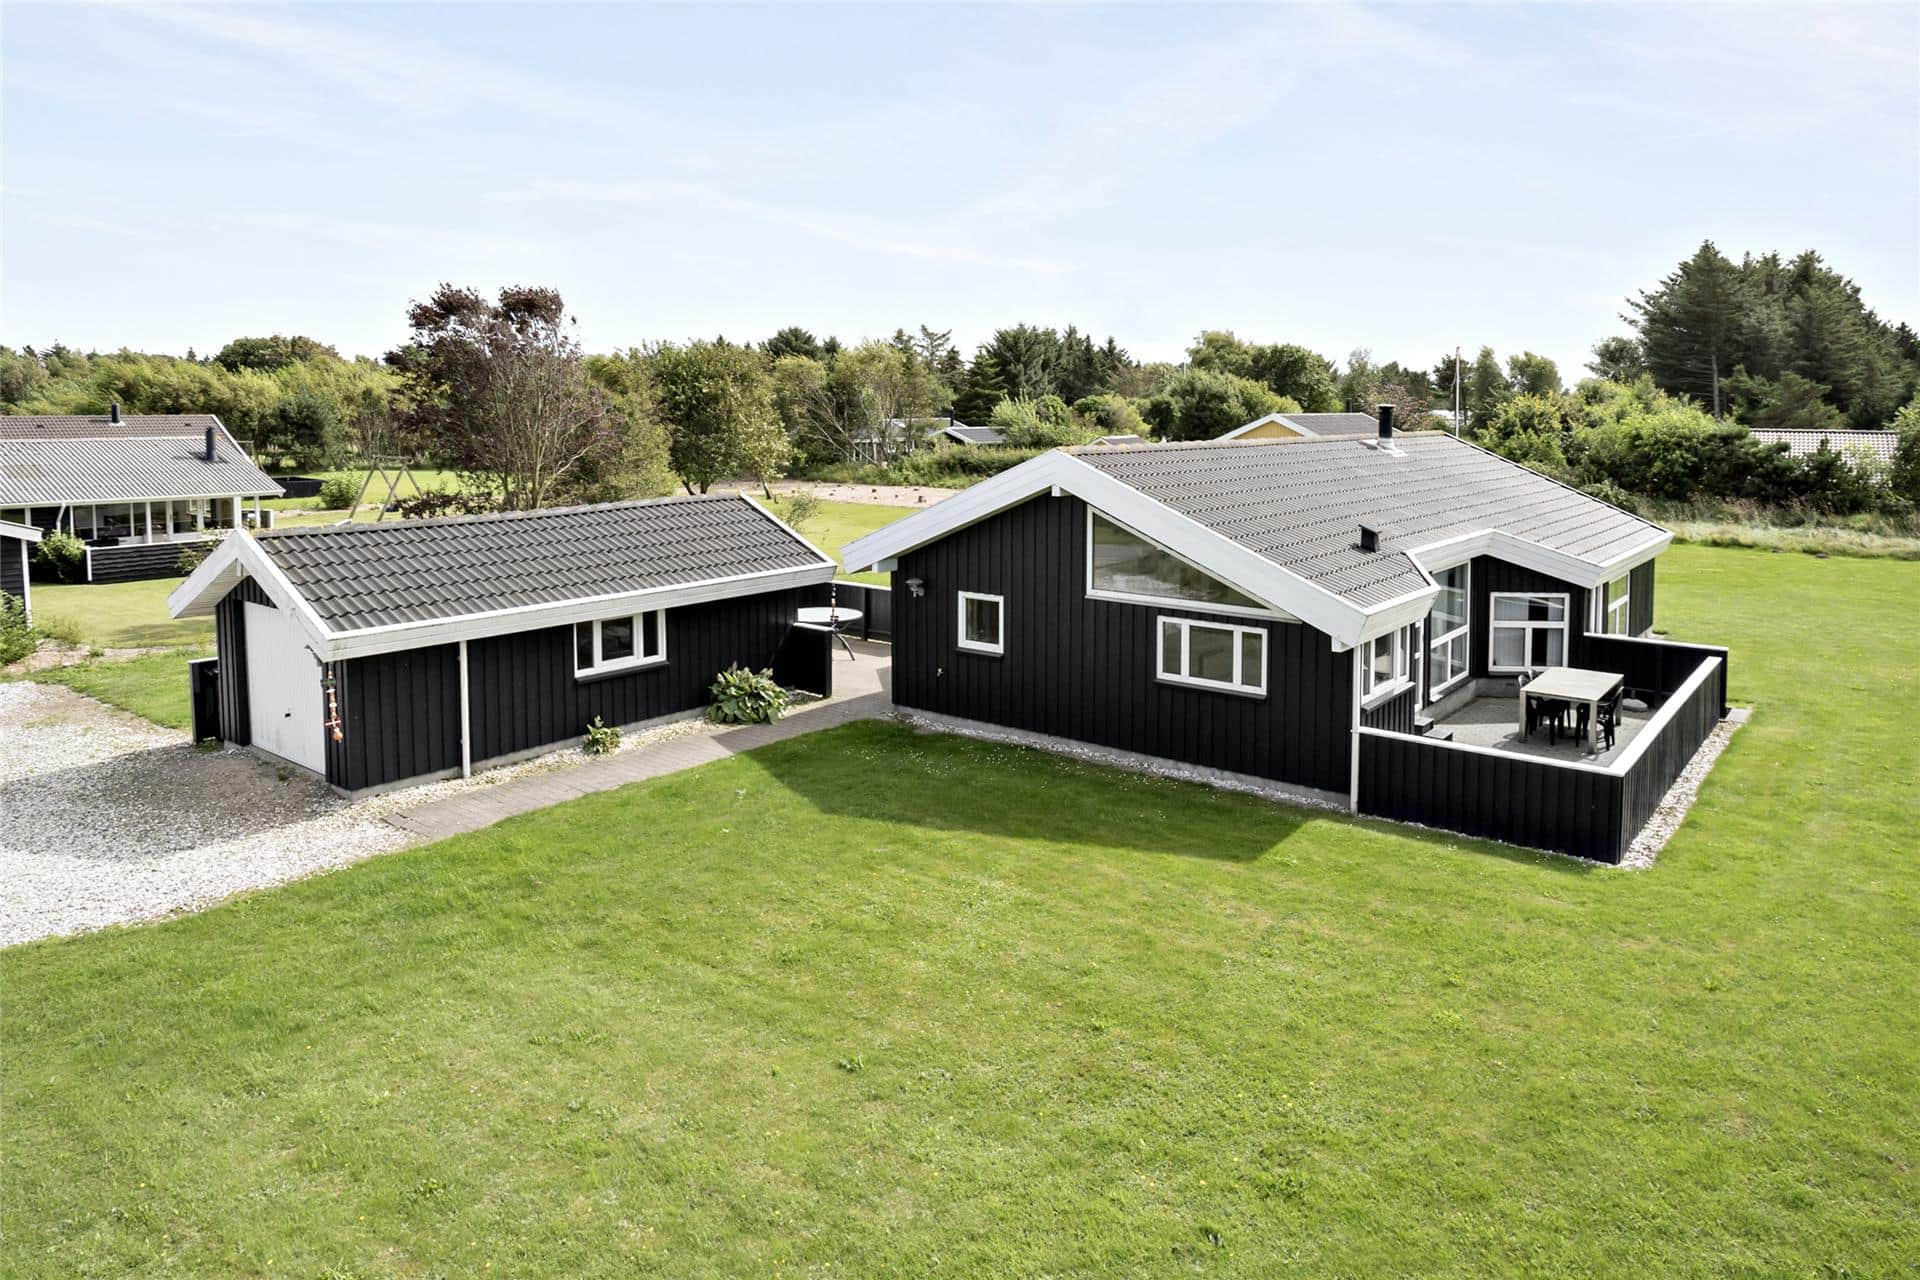 Bild 1-178 Ferienhaus LN1153, Brune Banke 1, DK - 9800 Hjørring